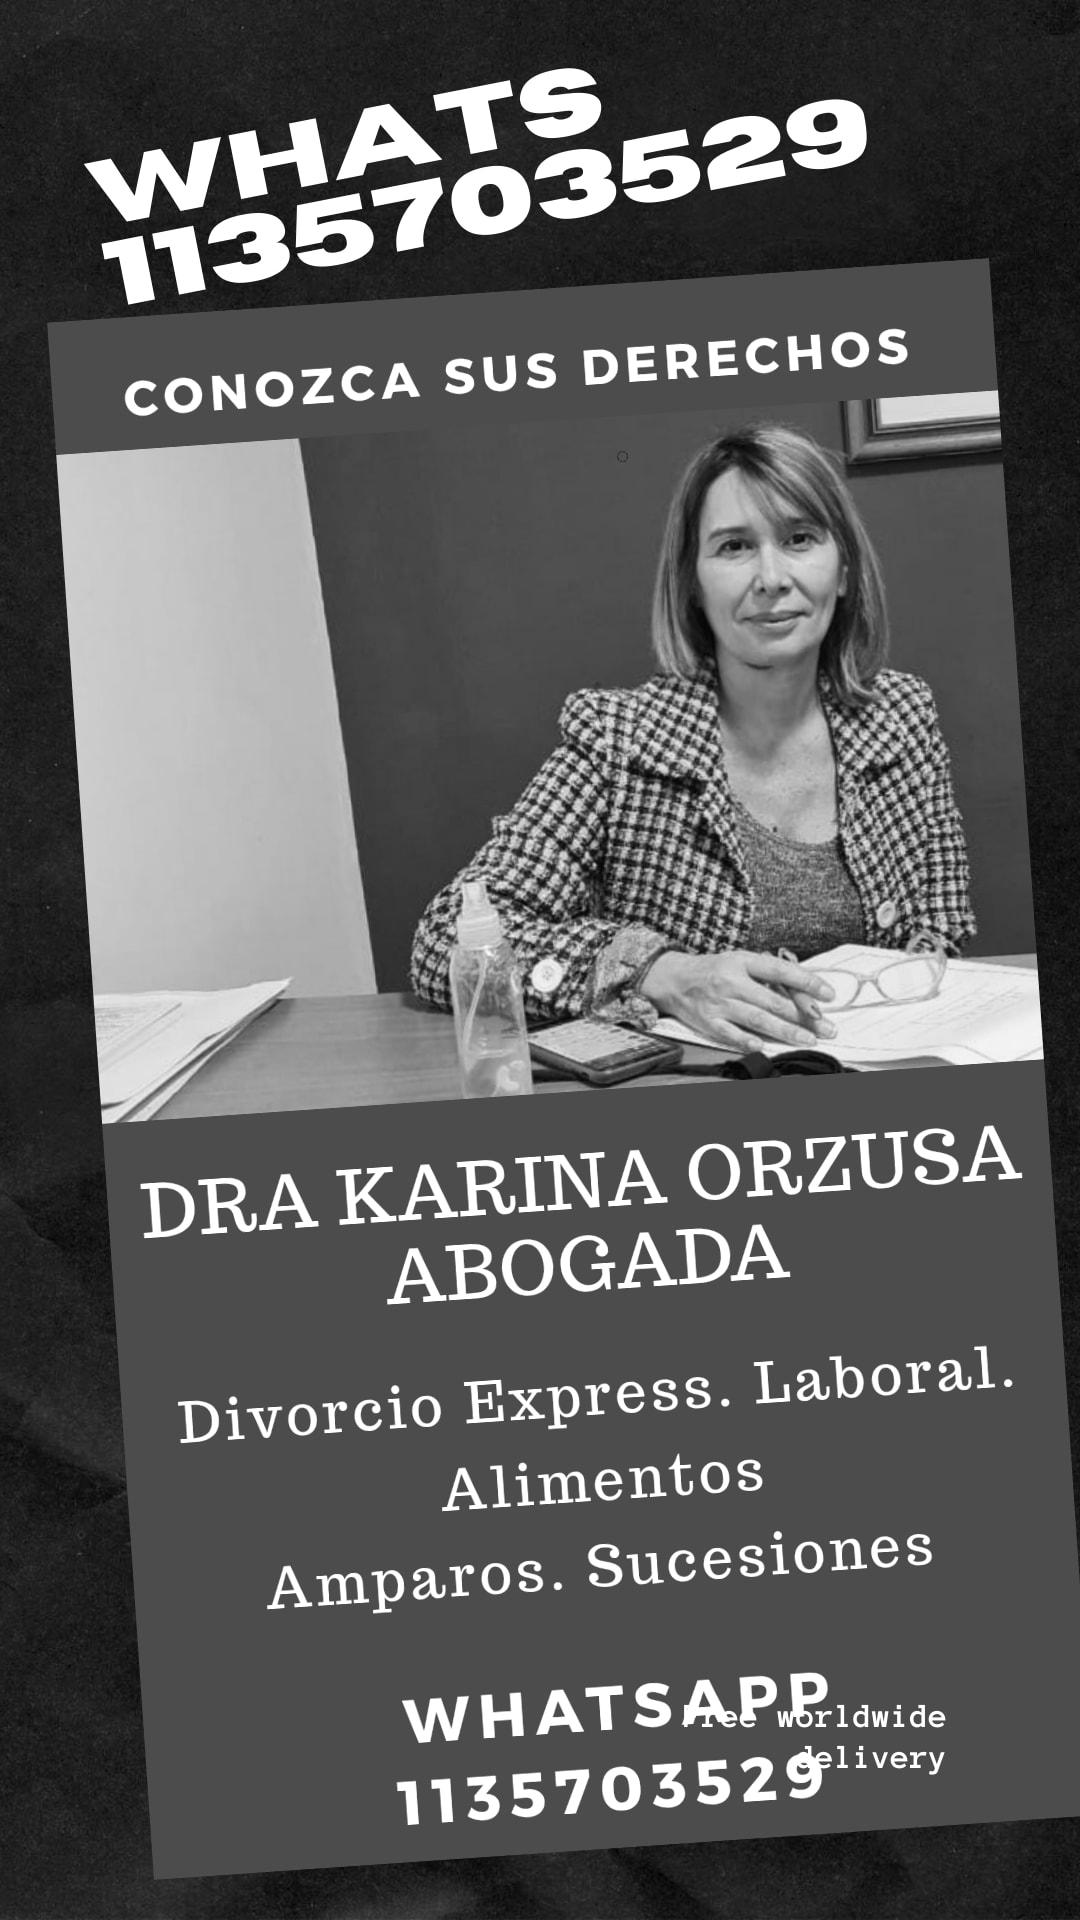 DRA KARINA ORZUSA Abogada especialista en Derecho de Familia, niñez, genero y accidentes de transito, Laboral